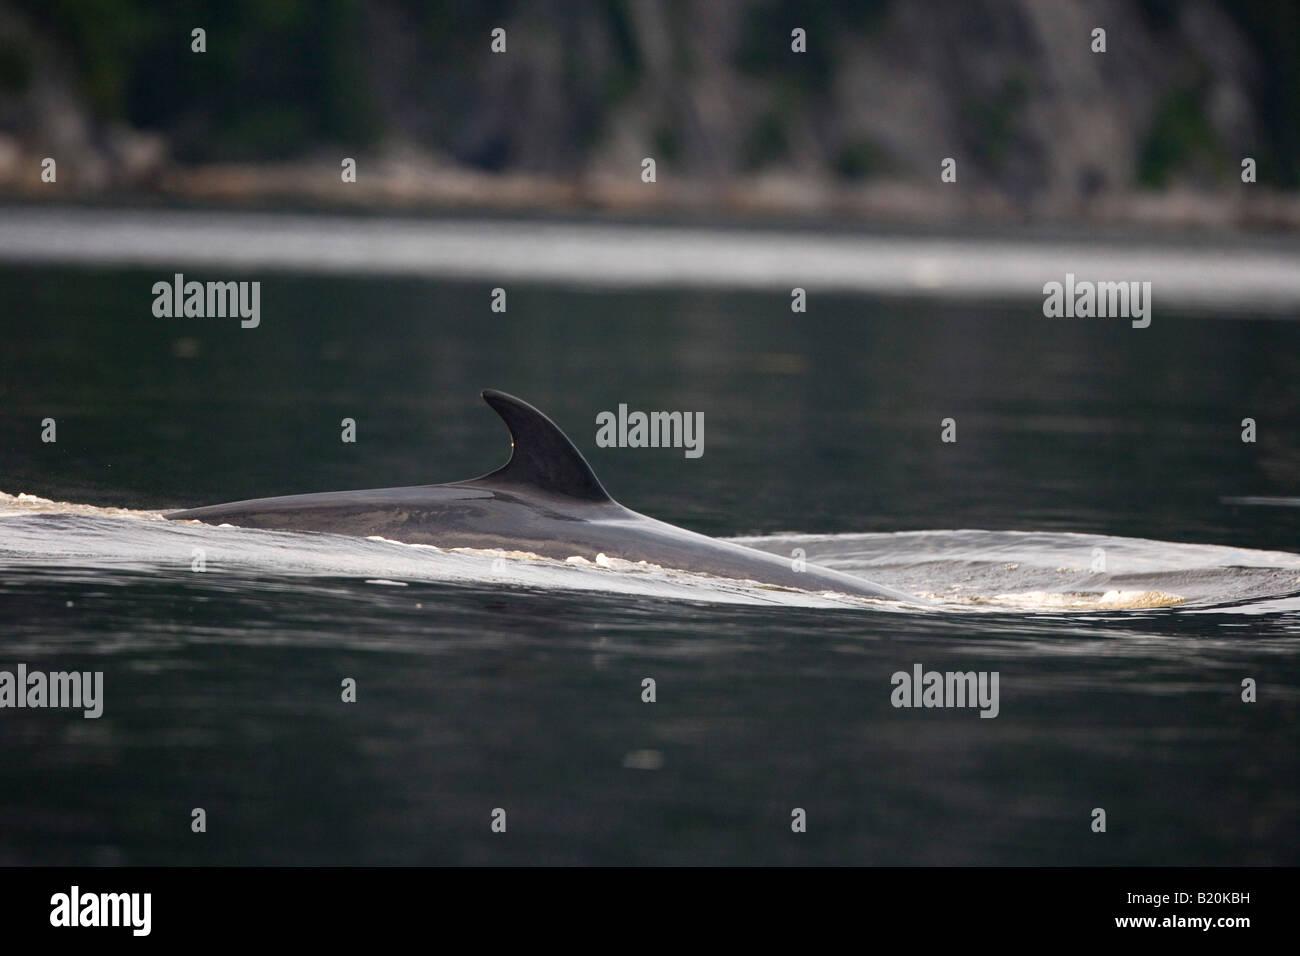 La aleta dorsal de una ballena minke en el río Saguenay. Tadoussac, Quebec. Canadá.El Parque Nacional de Saguenay. Foto de stock